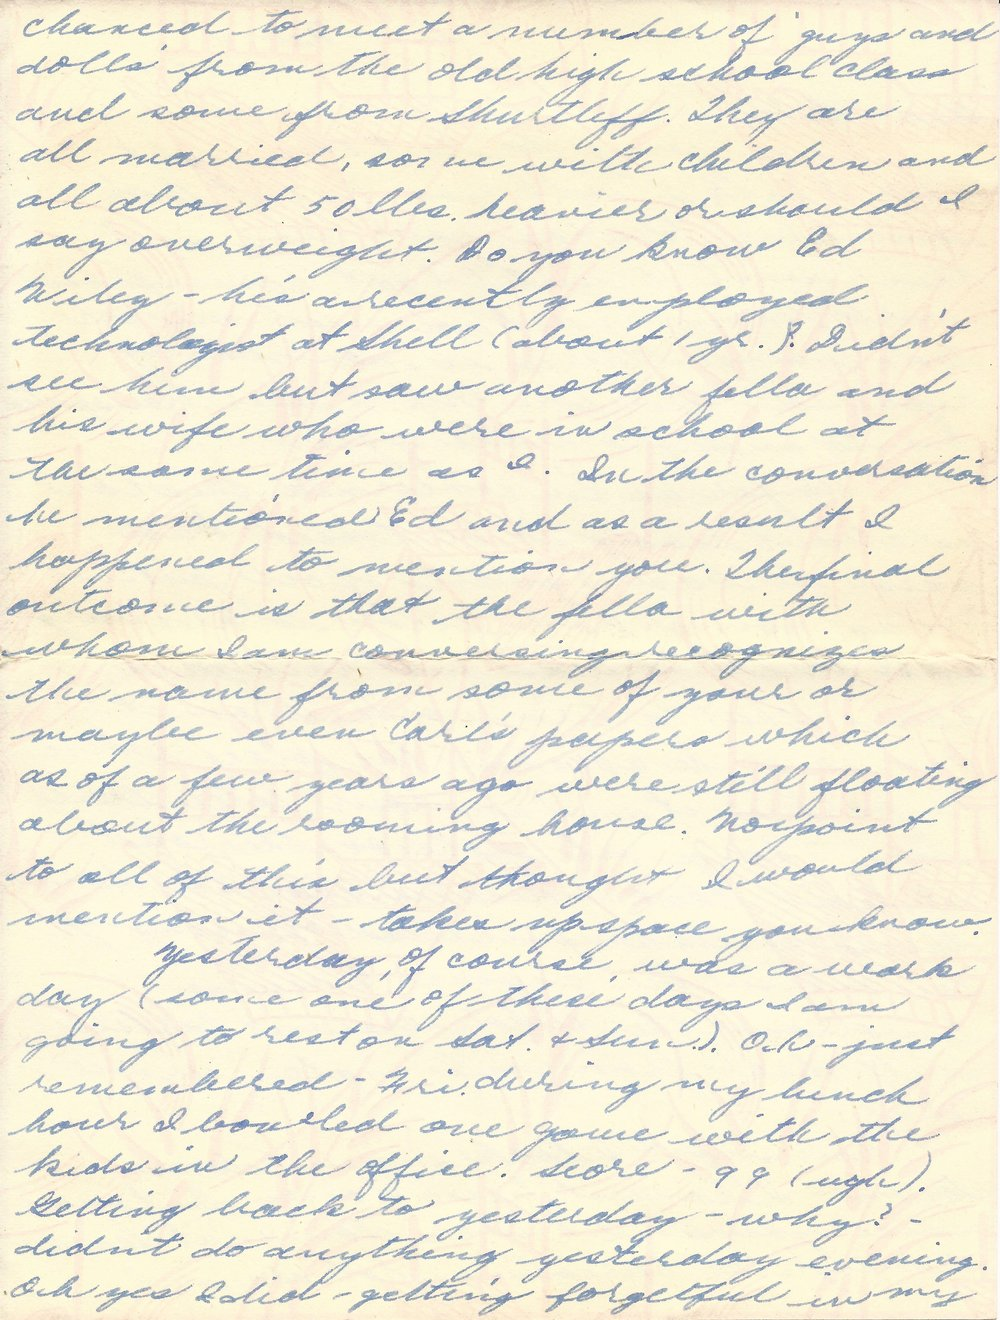 7. Feb. 8, 1953 (Oma)_Page_3.jpg